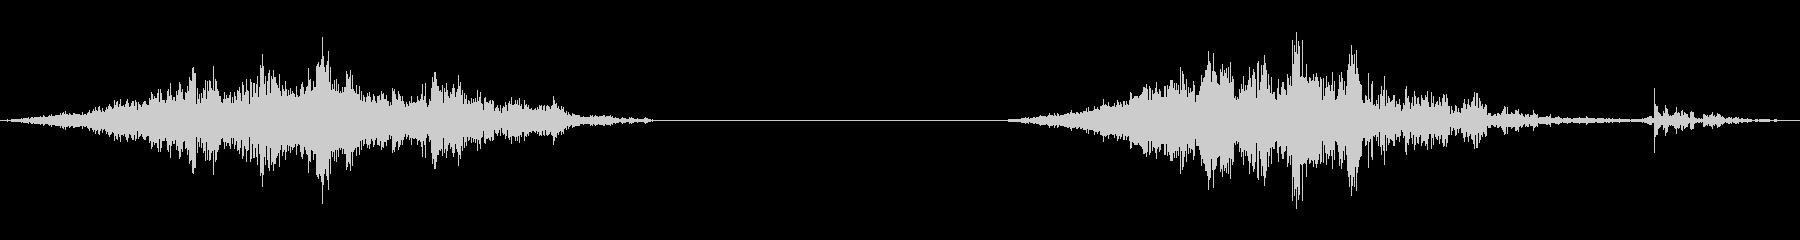 襖の開閉1(速度普通)の未再生の波形